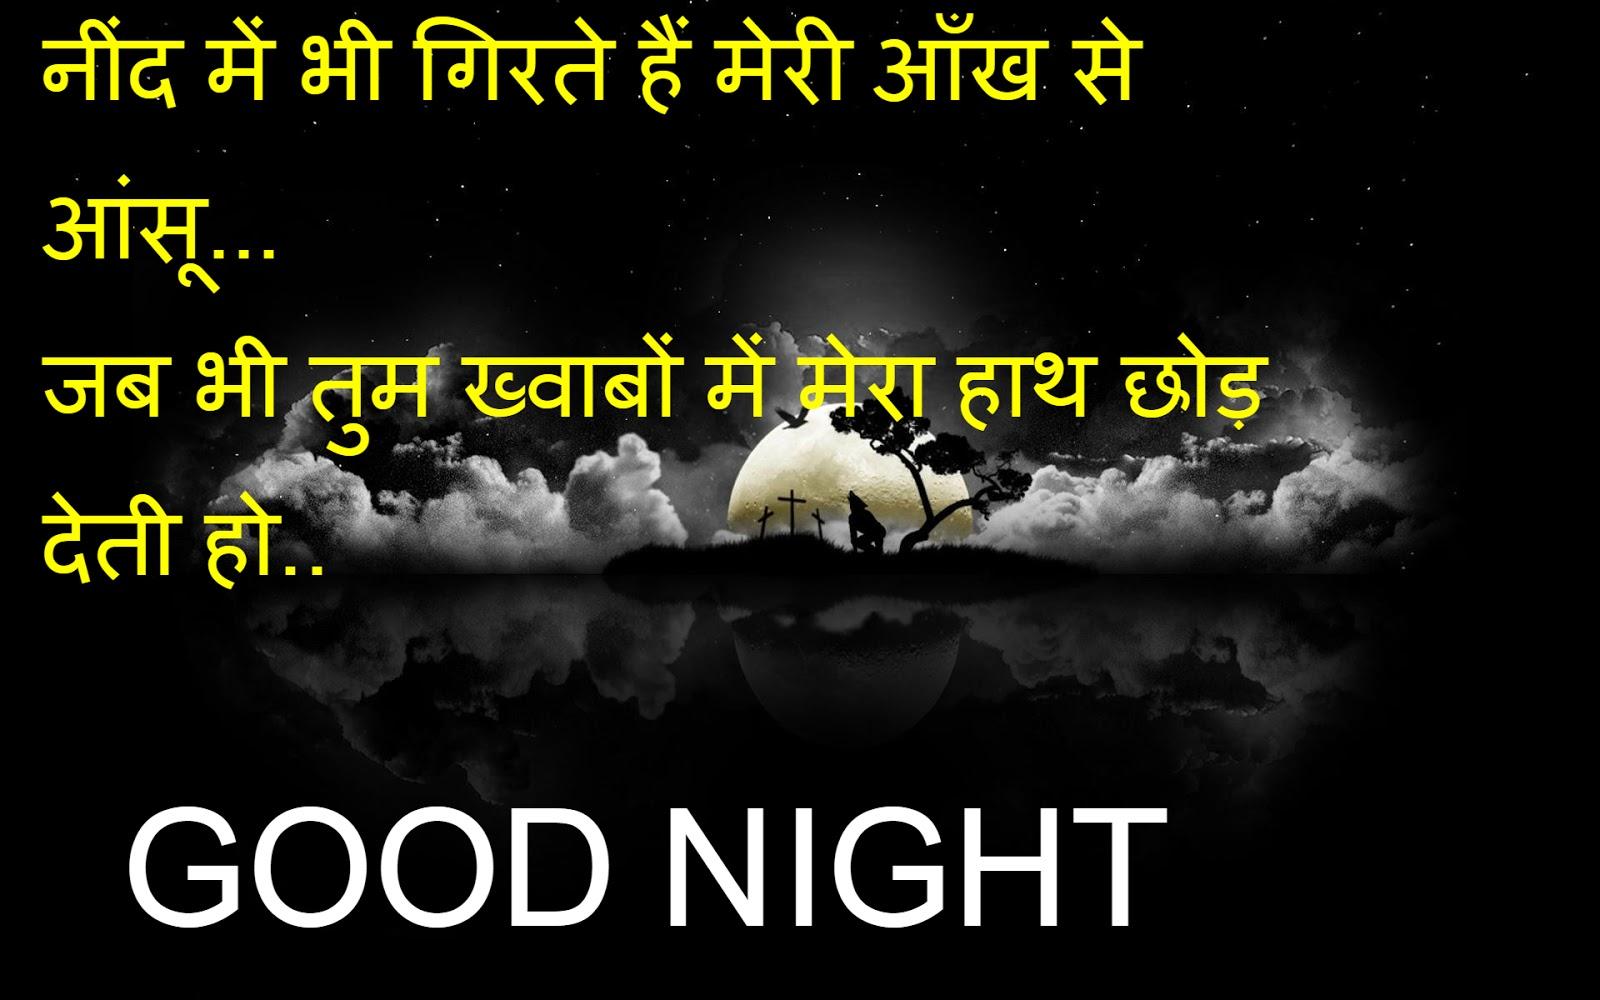 Sad Love Good Night Wallpaper : Shayari Urdu Images,urdu shayari with picture,urdu shayari wallpaper,love shayari urdu,sad love ...